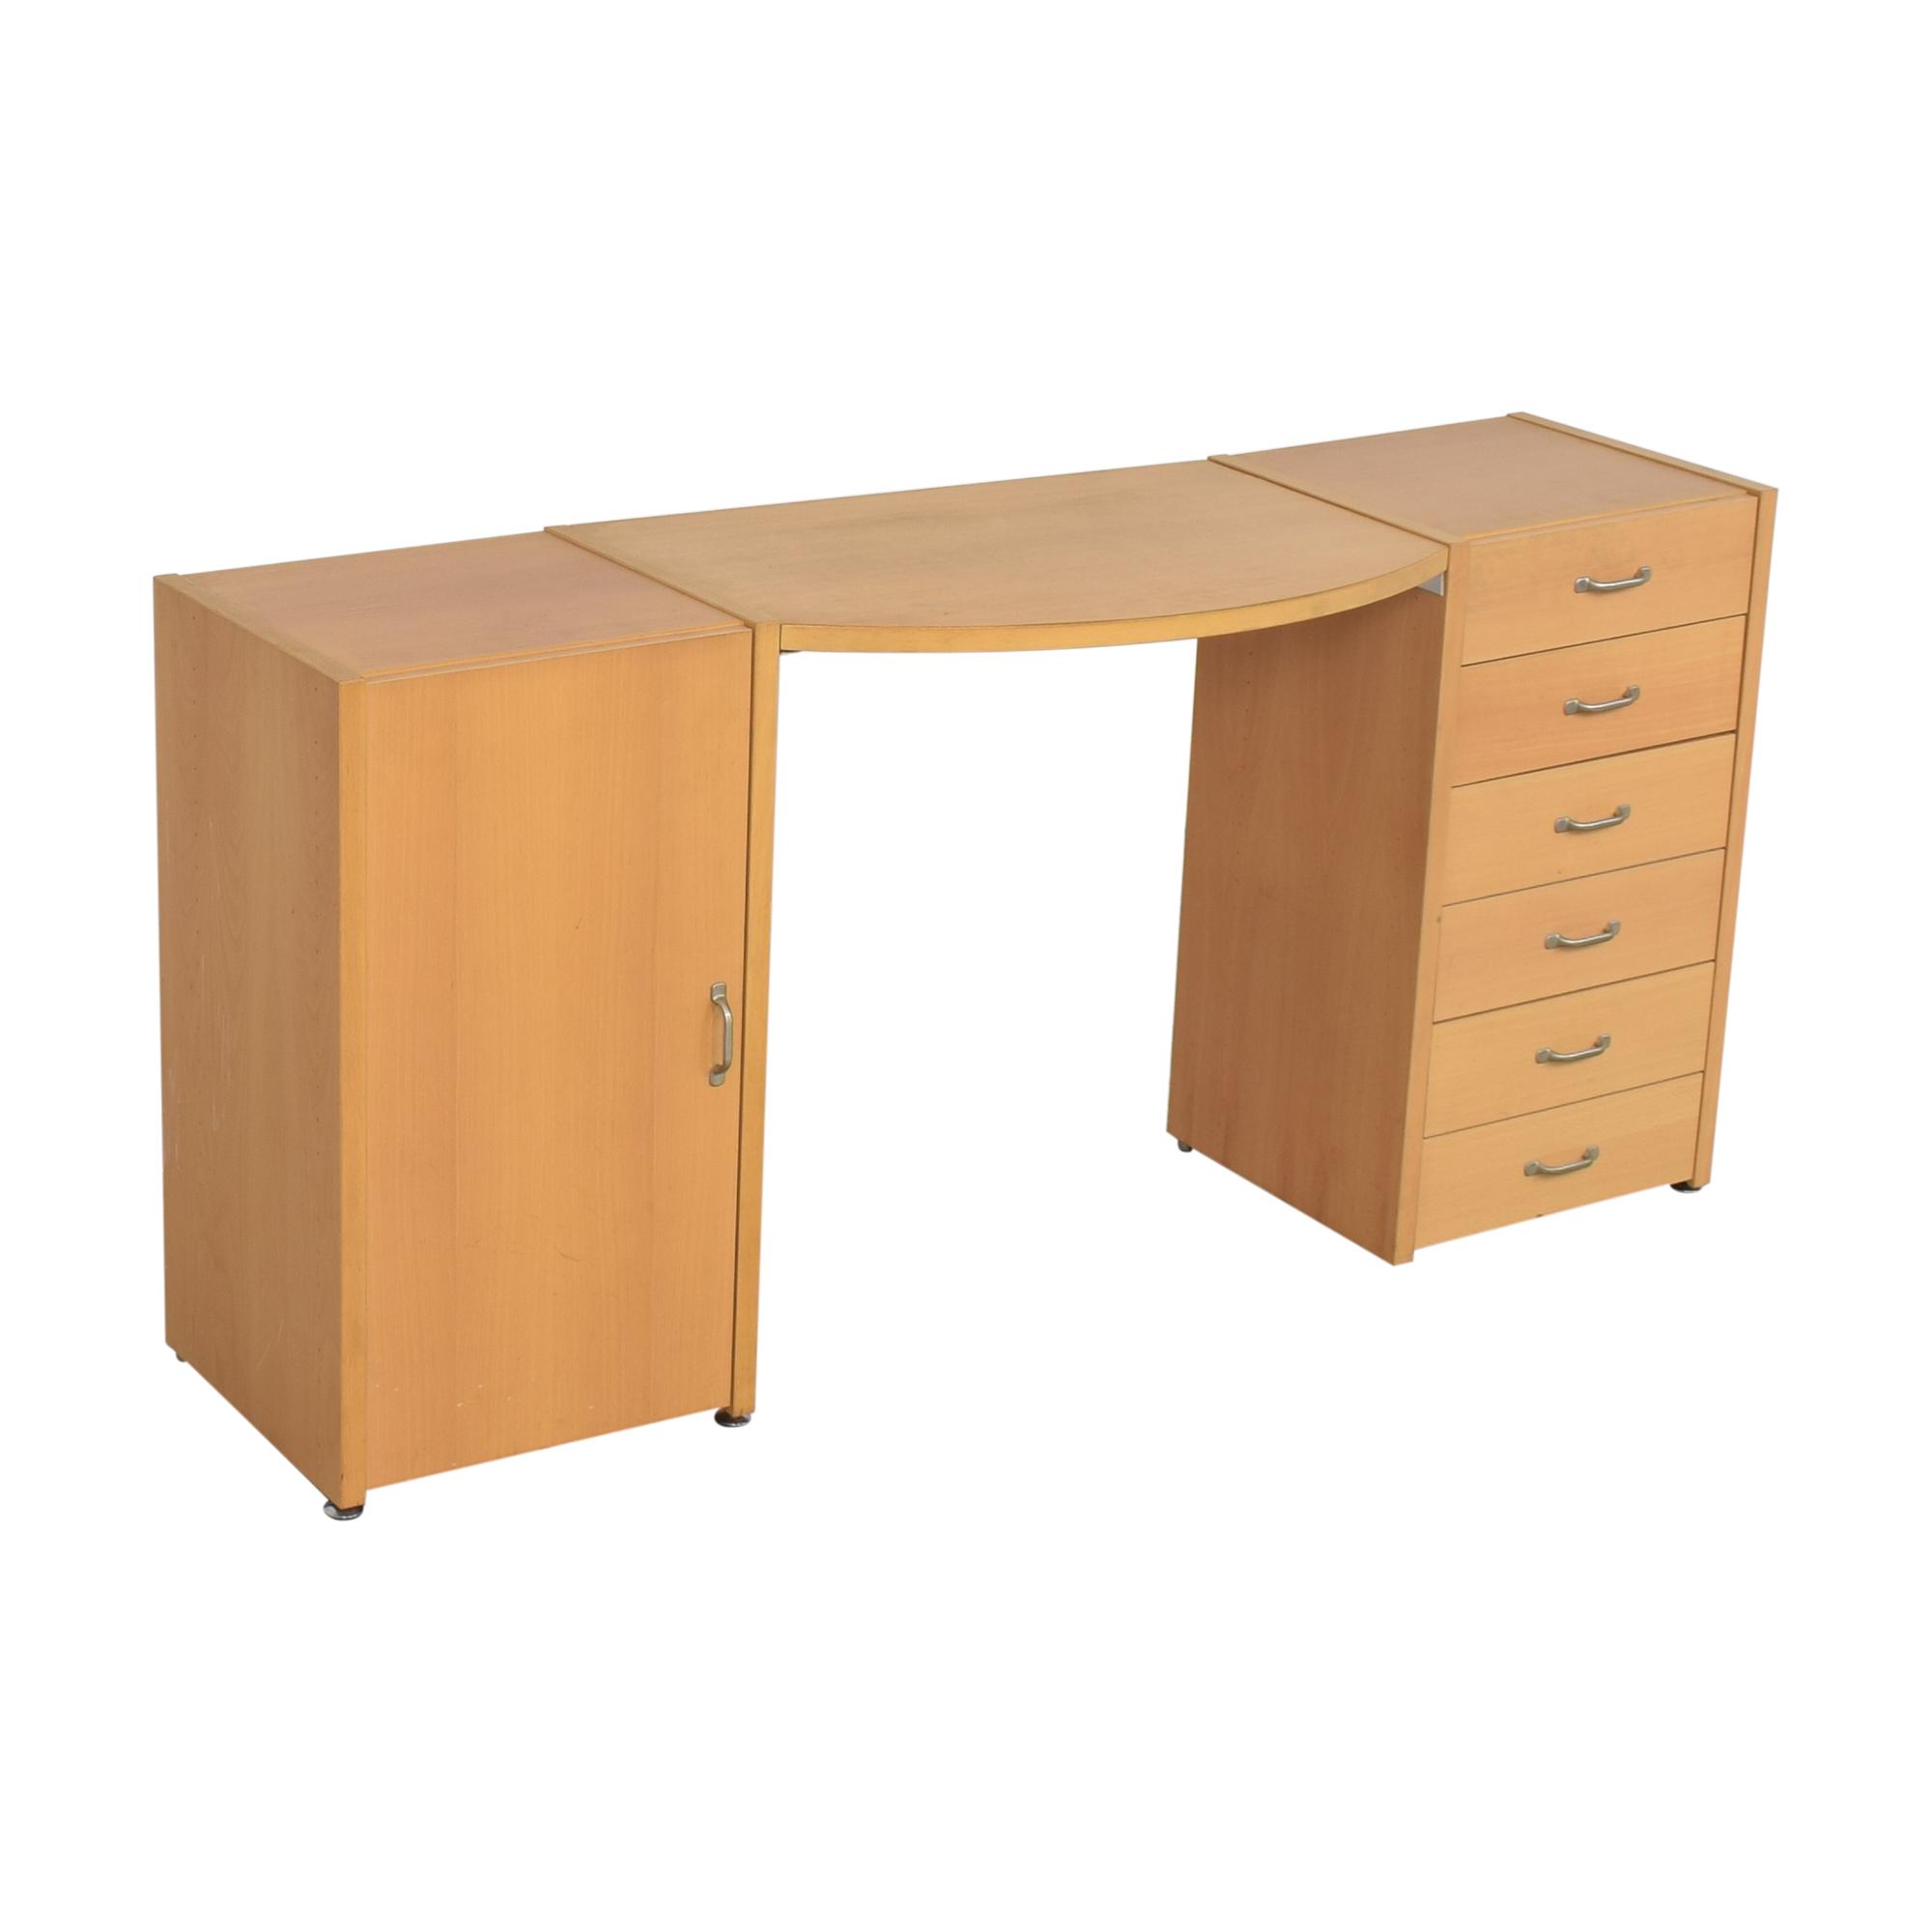 BoConcept BoConcept Office Desk used